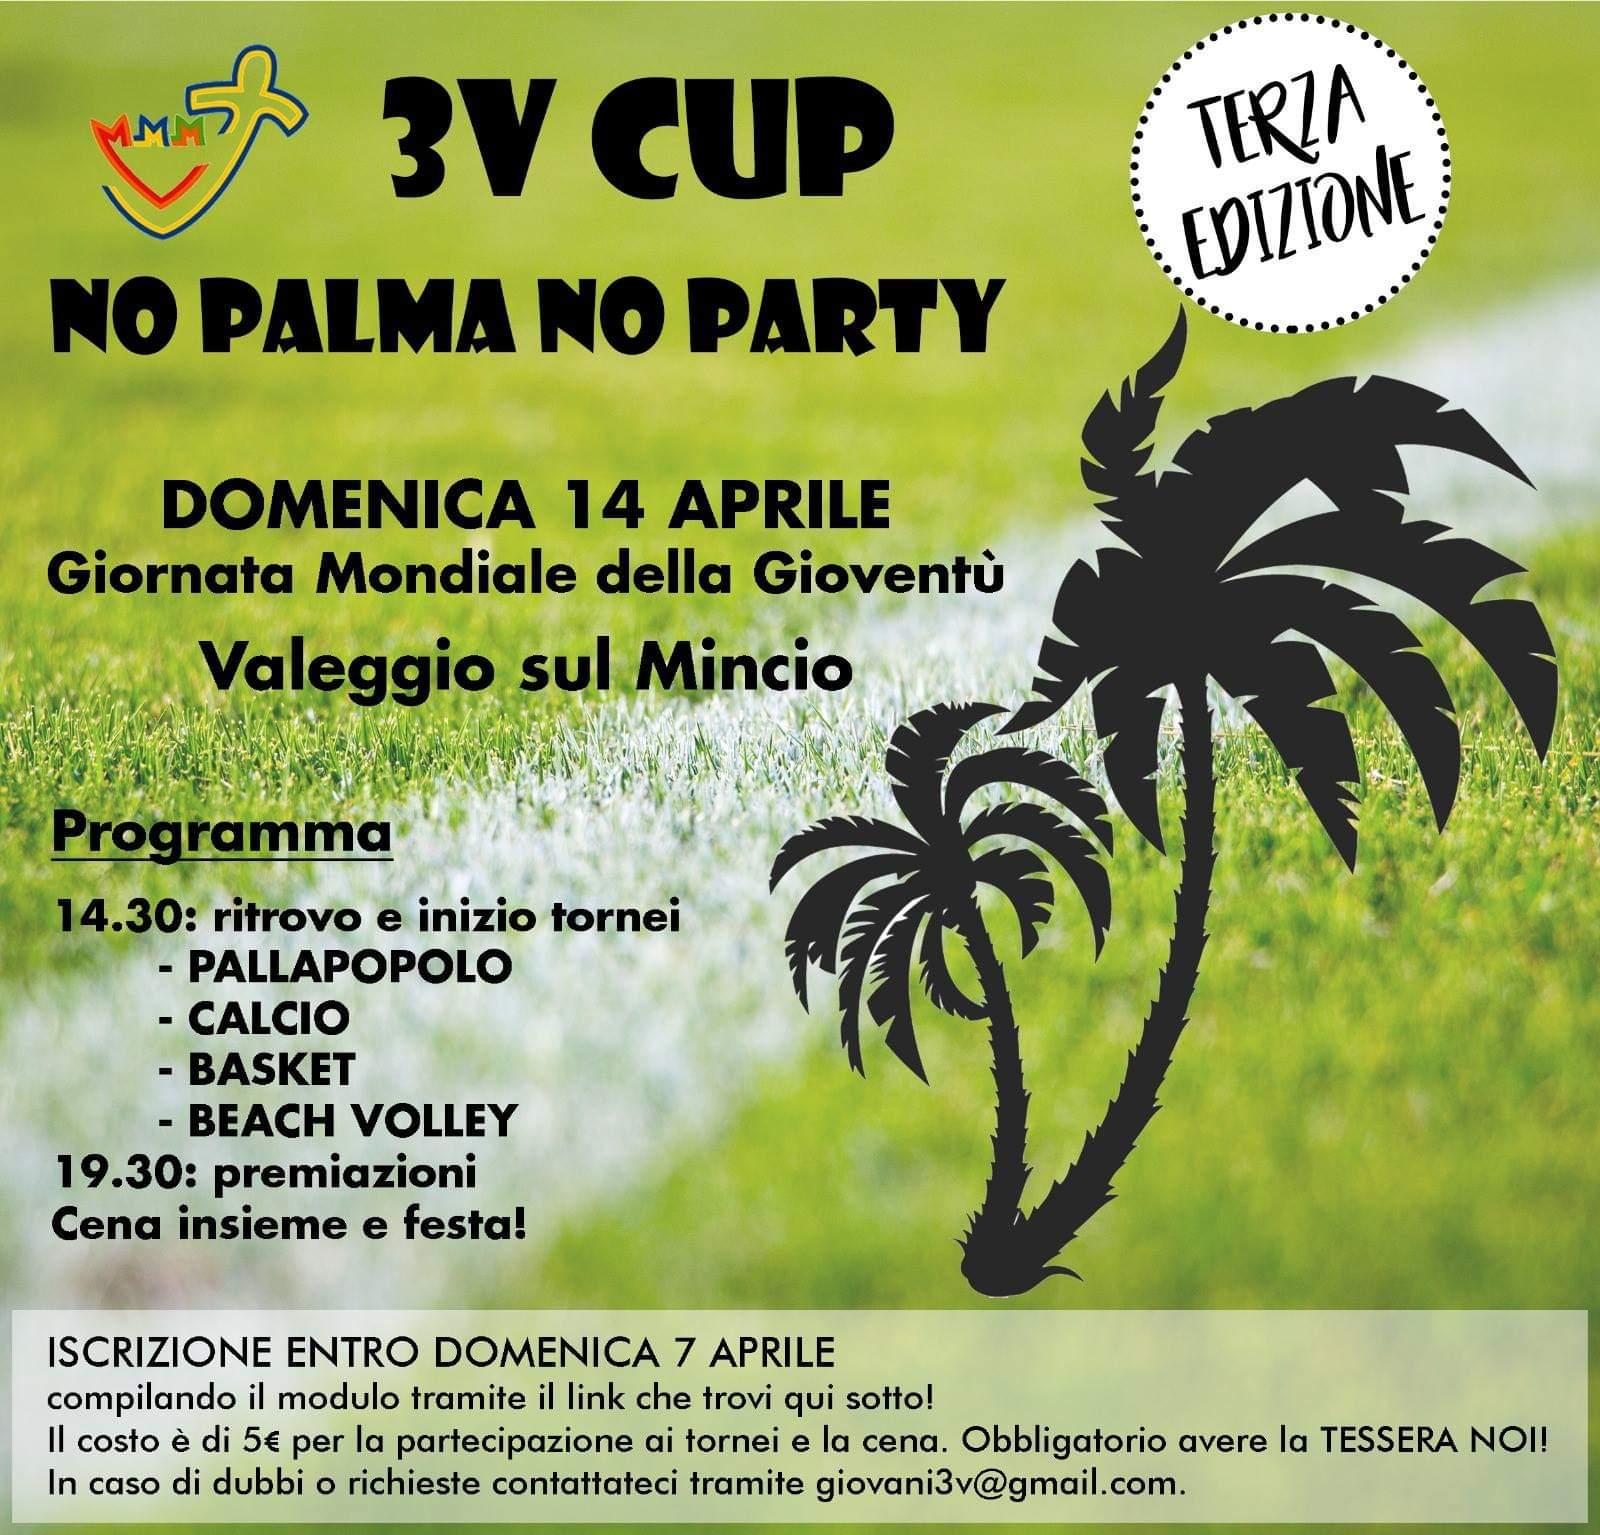 3V CUP – Terza Edizione